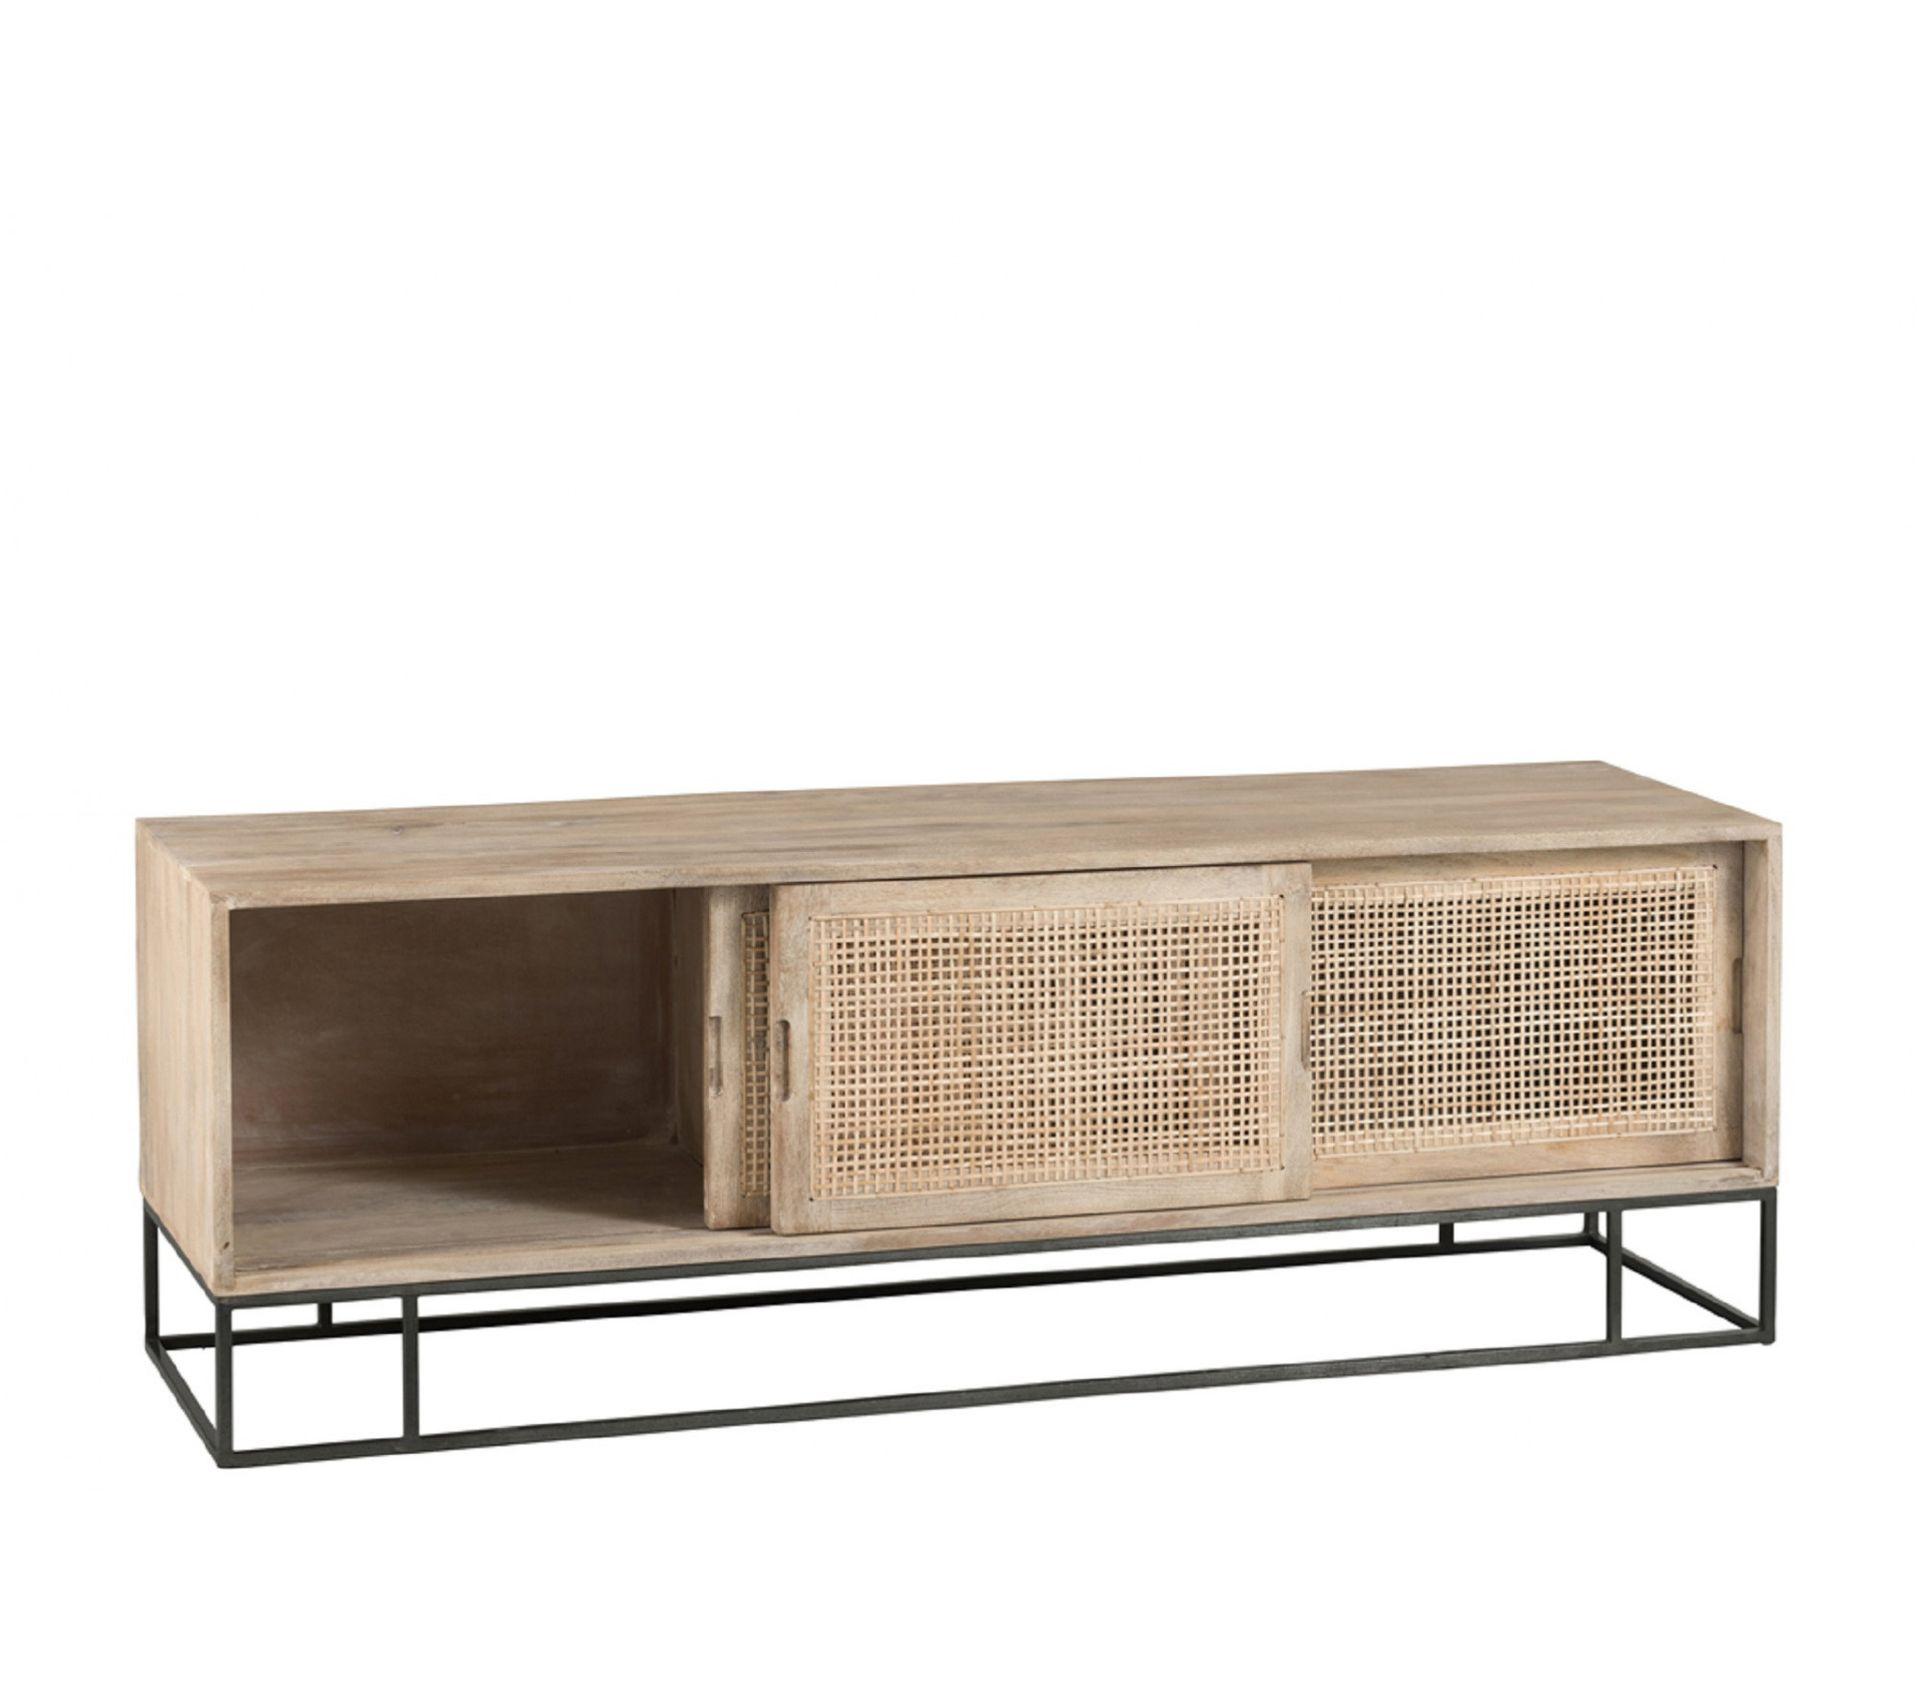 Meuble Tv Angle Bas meuble tv bas en bois et rotin tissé sand